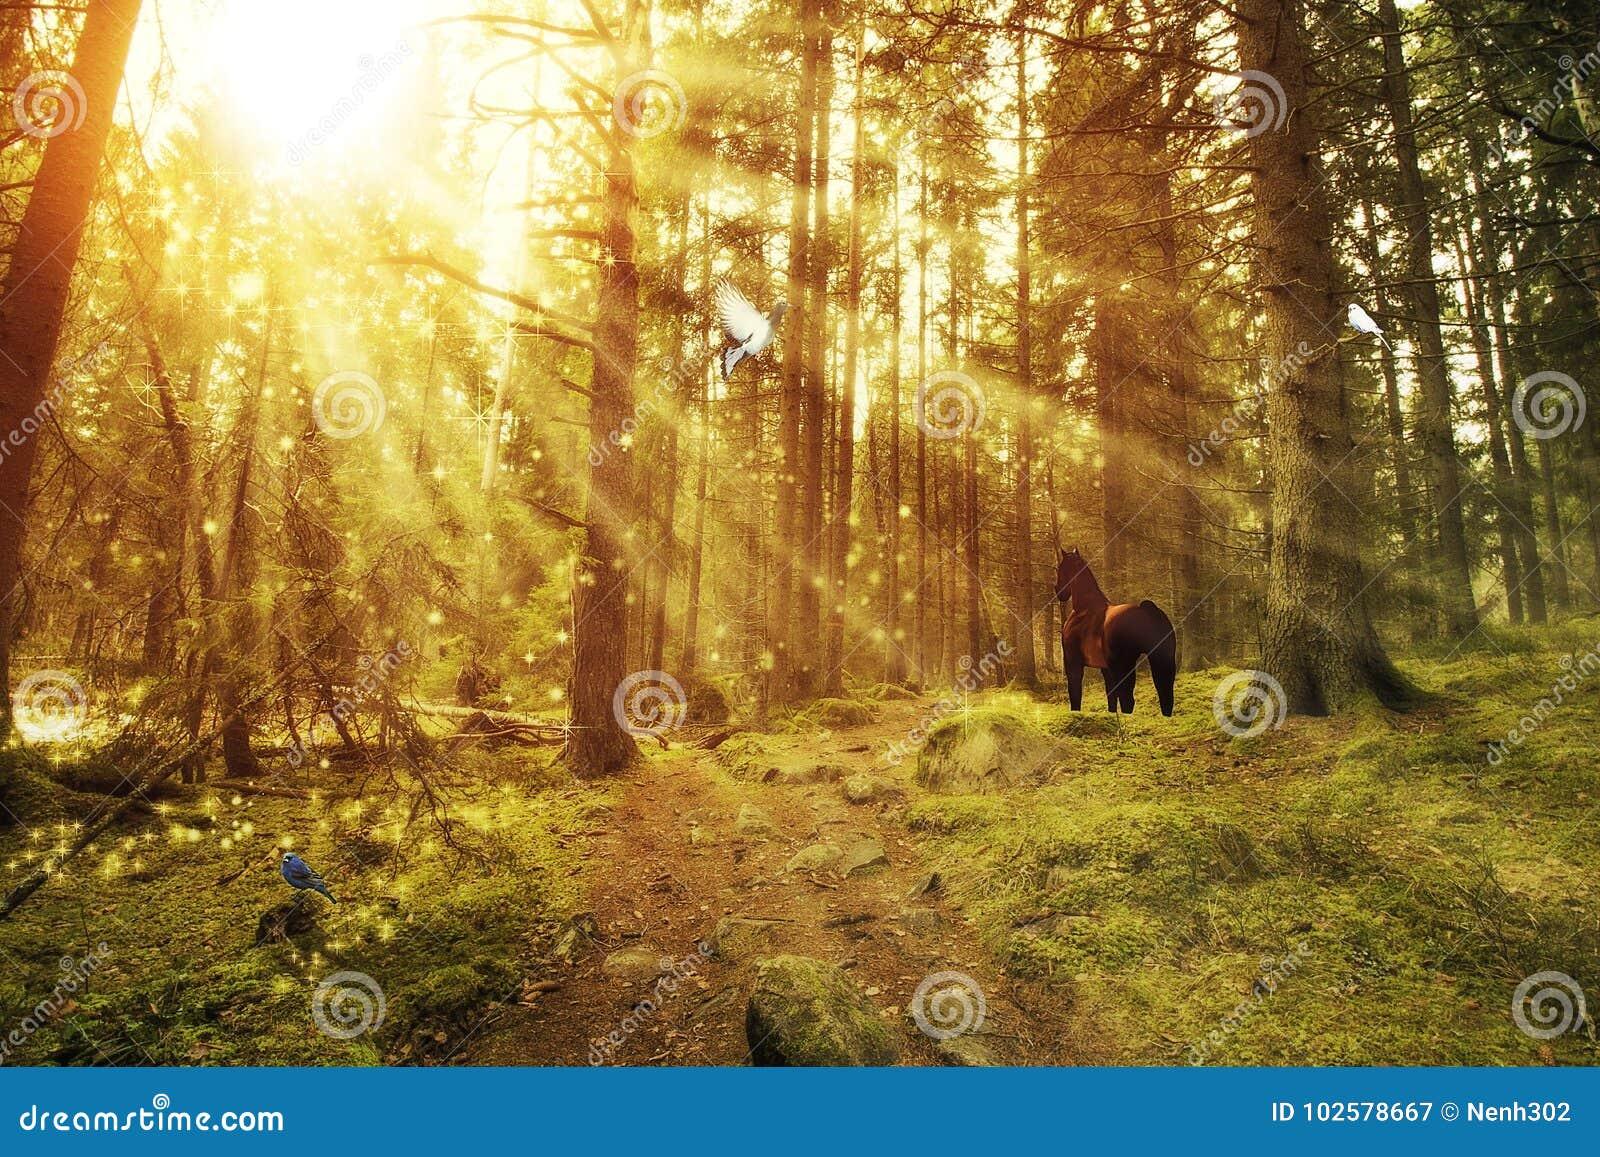 Forêt enchantée avec un cheval et des oiseaux